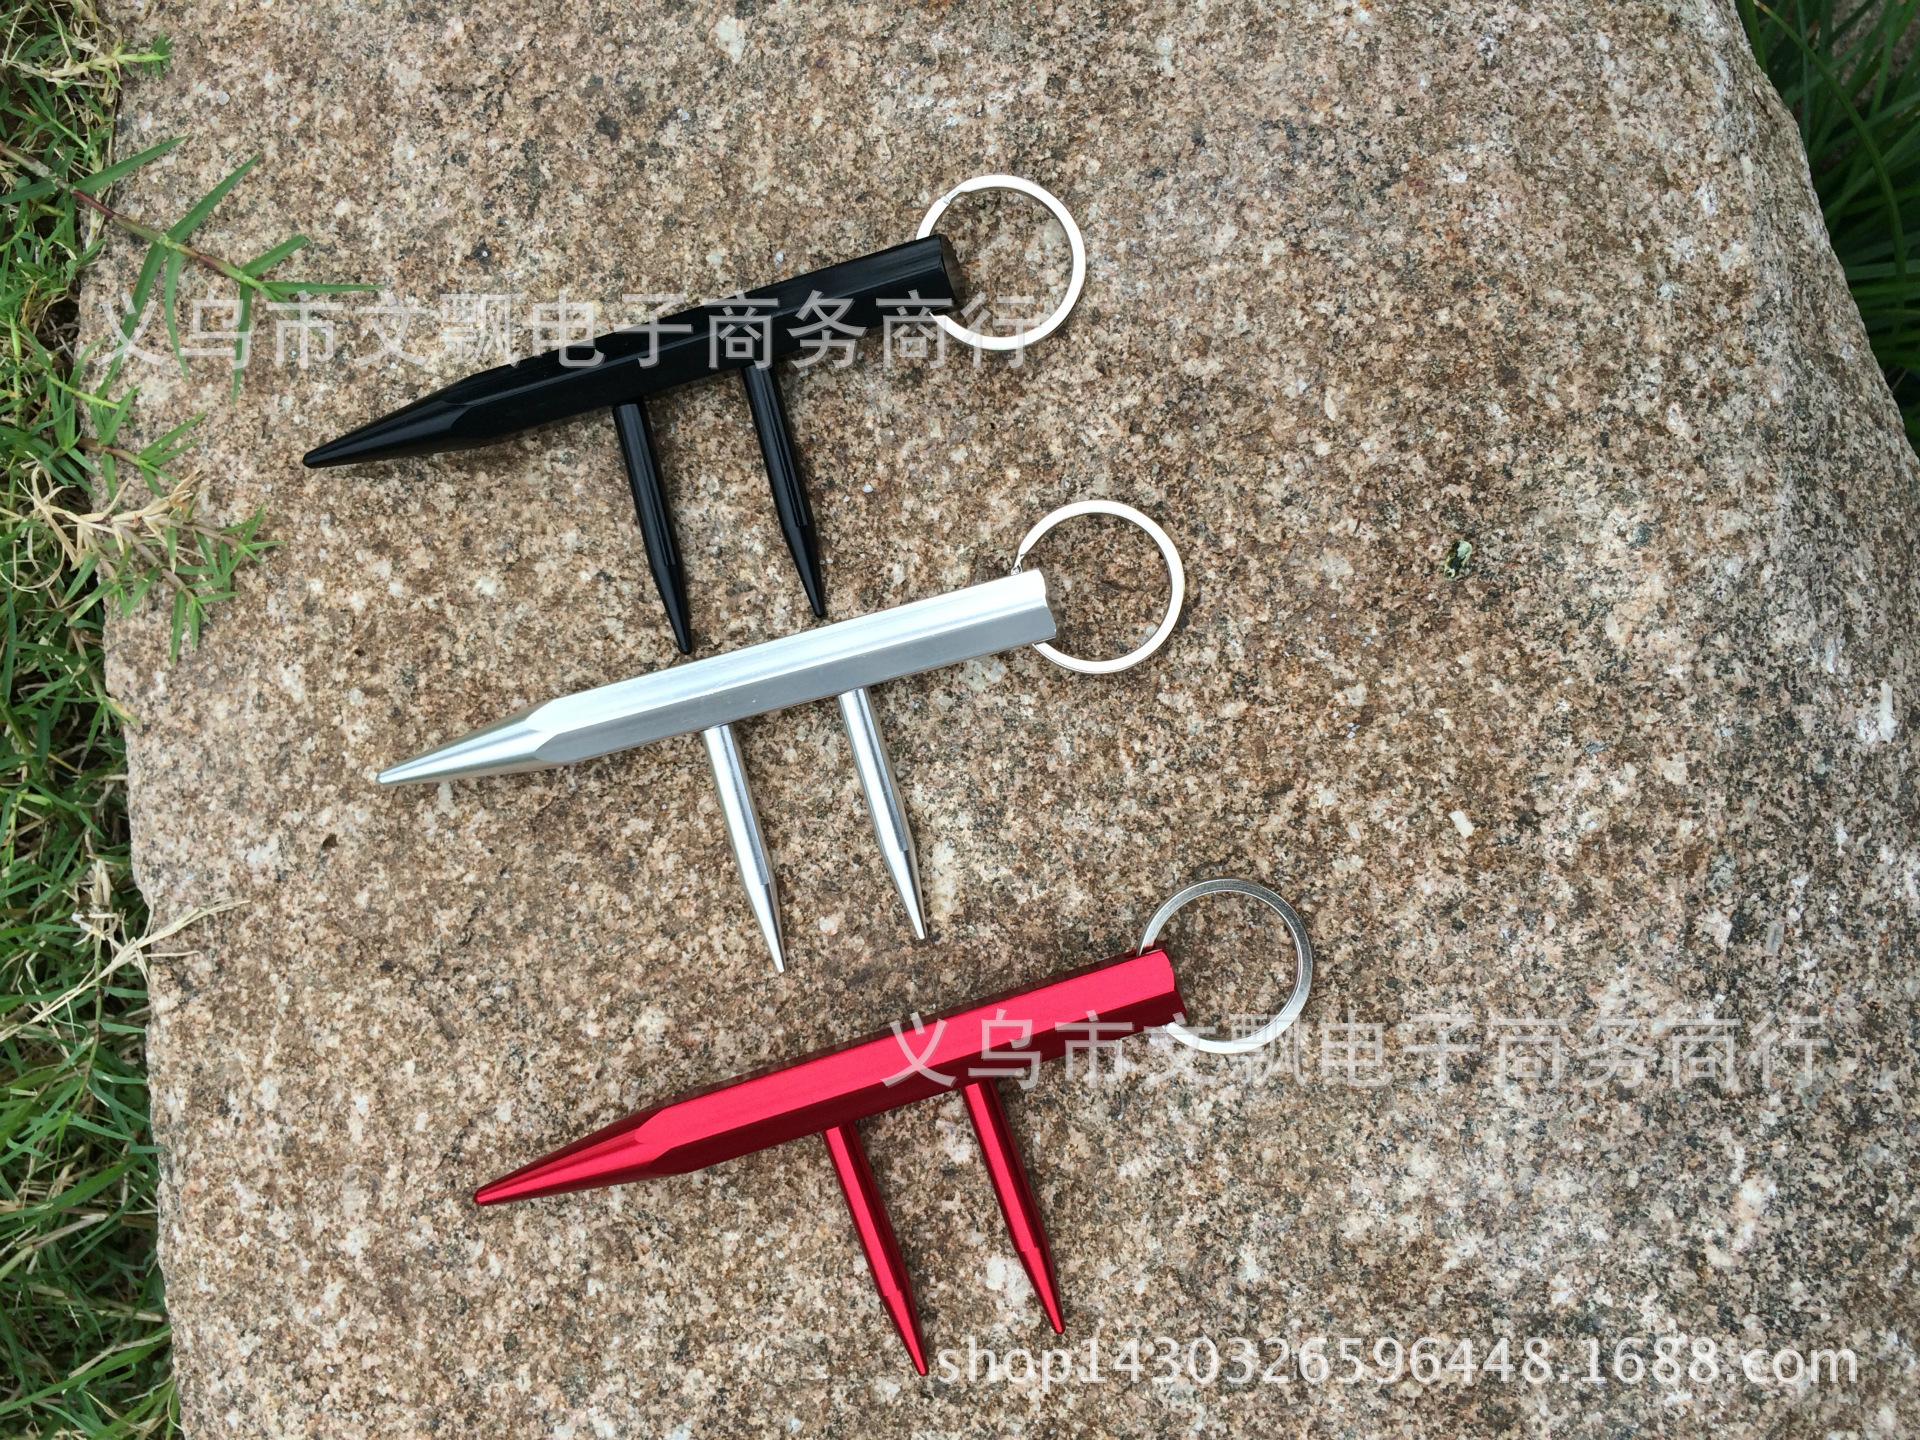 二阳指棍 F型防身酷棍 EDC变形双钉二羊指棍钥匙棍(铝合金款)